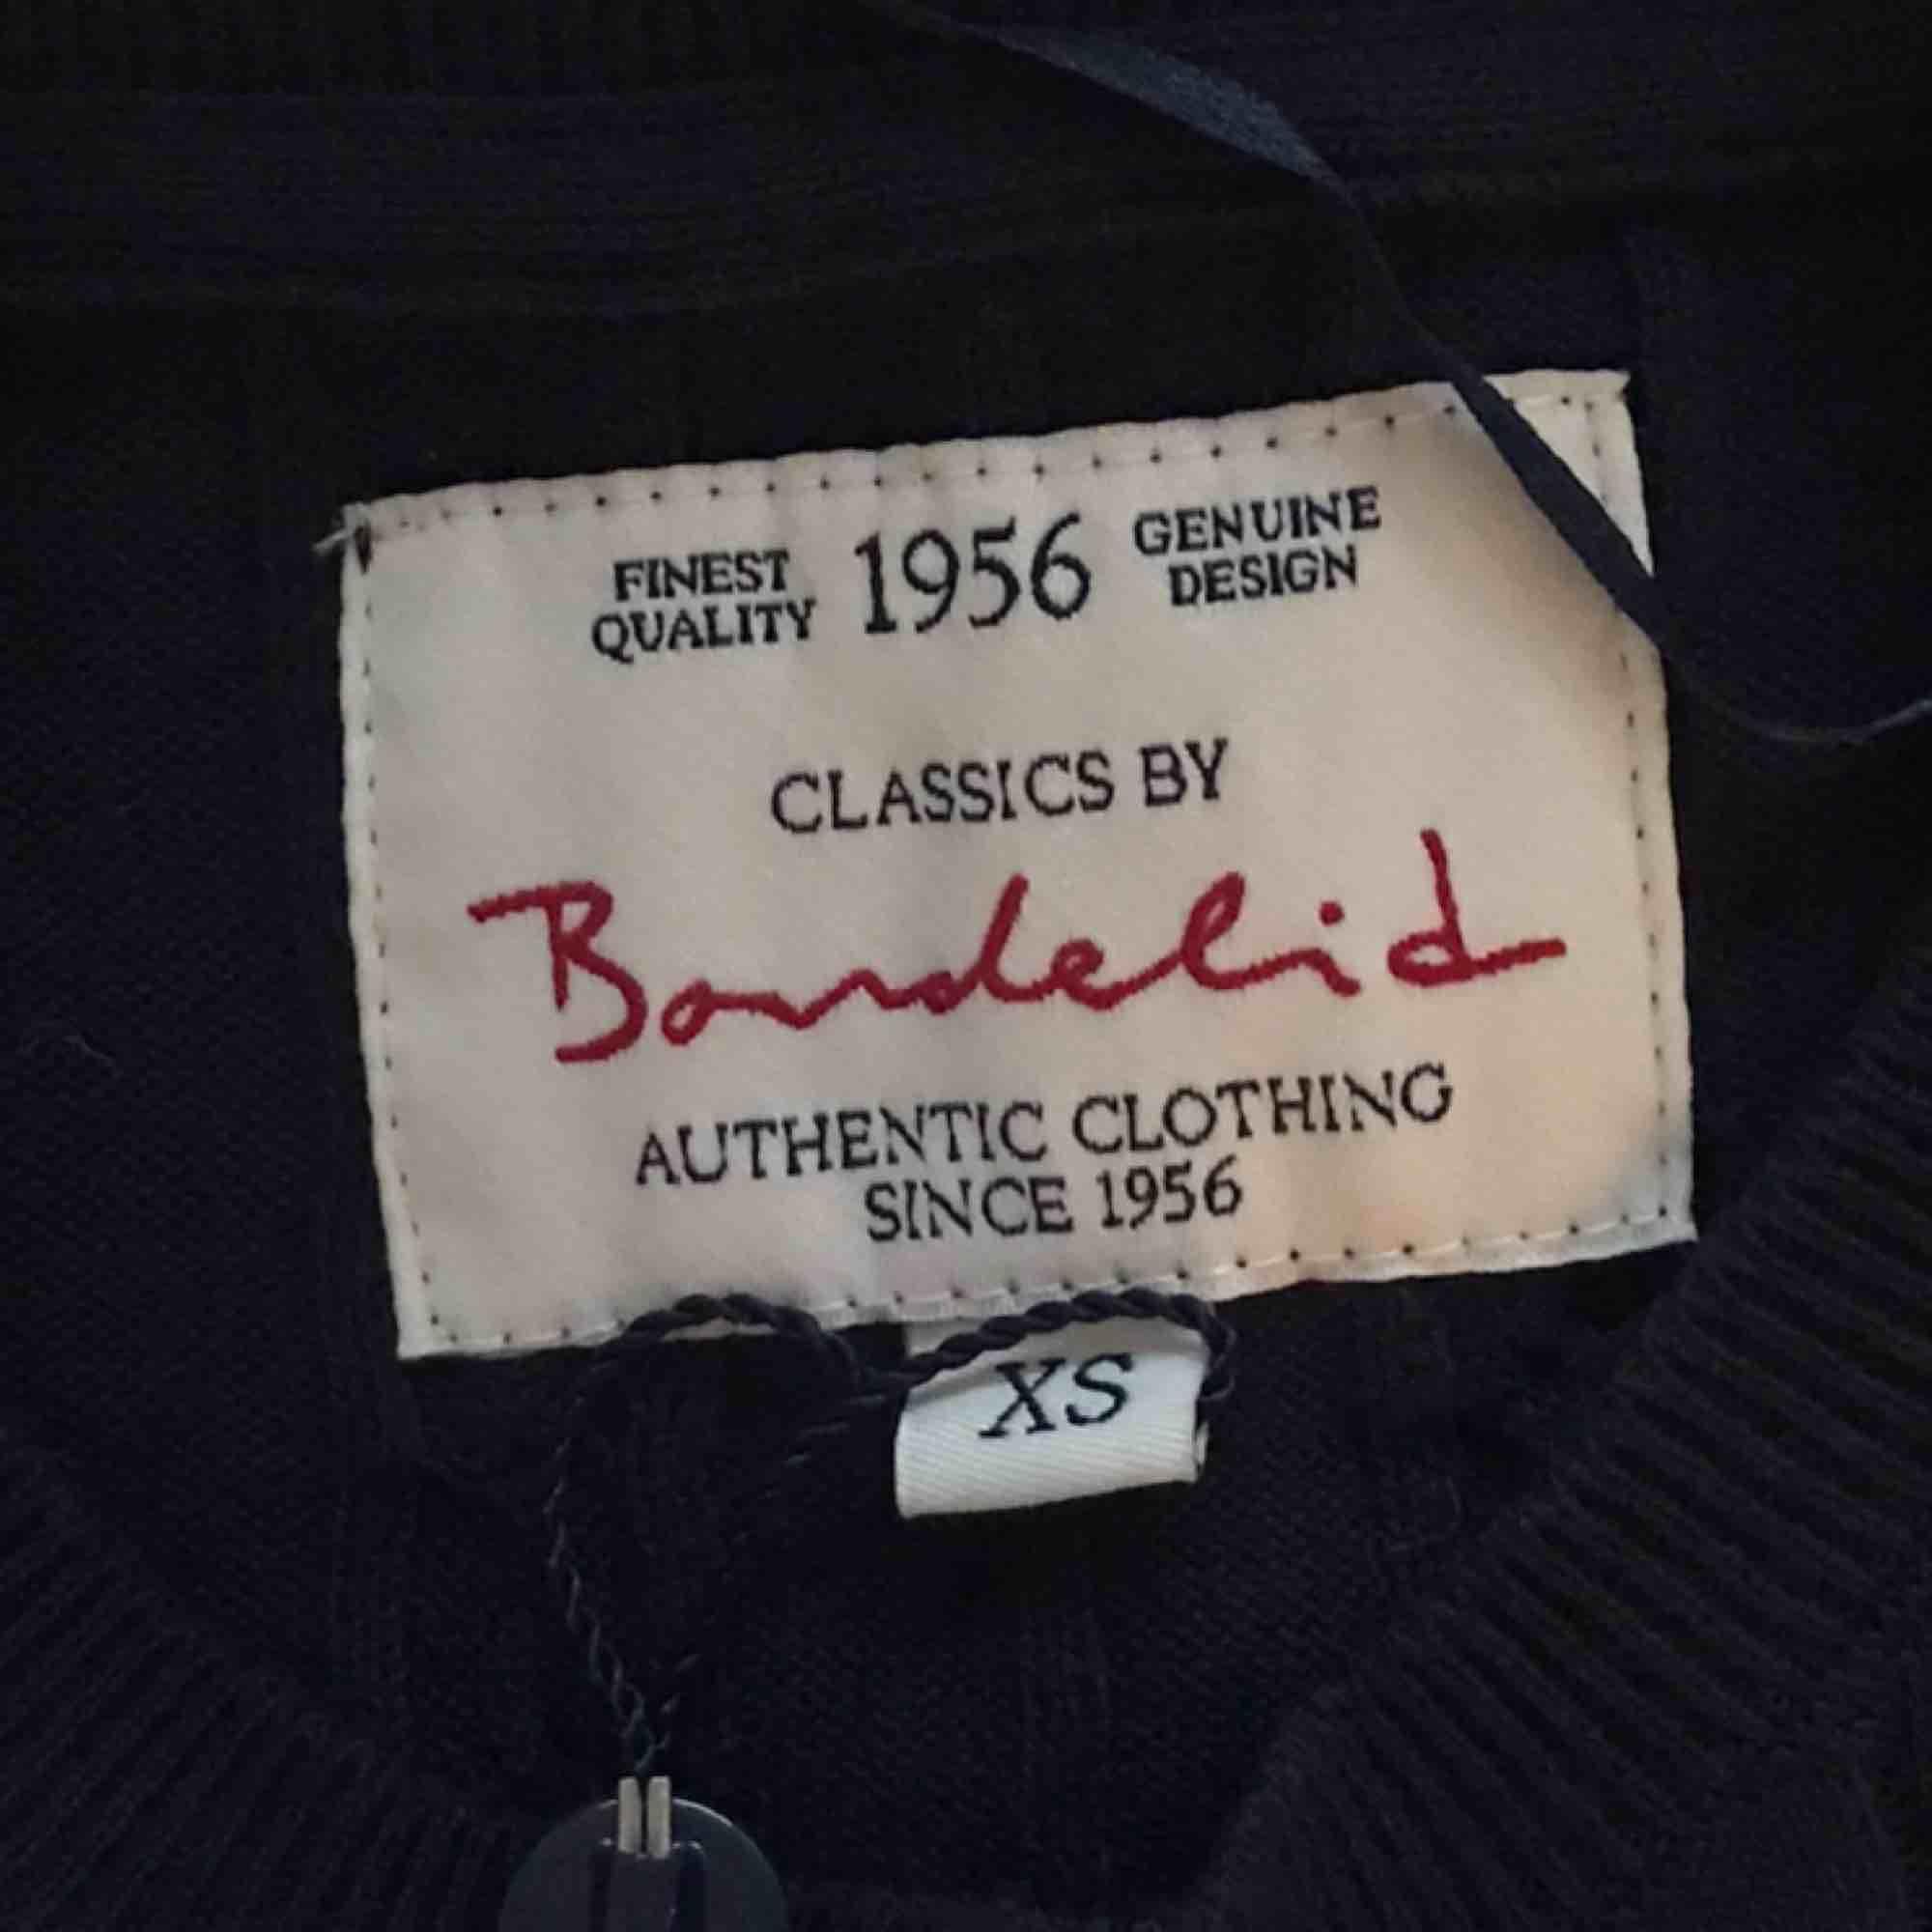 Kabelstickad tröja från Bondelid, helt oanvänd (endast testat på bilderna) prislapp fortfarande kvar, den är dock avklippt i halv för att gömma priset när jag fick den🥰 originalpris:599kr. Säljer för 400kr/tröja❤️. Stickat.